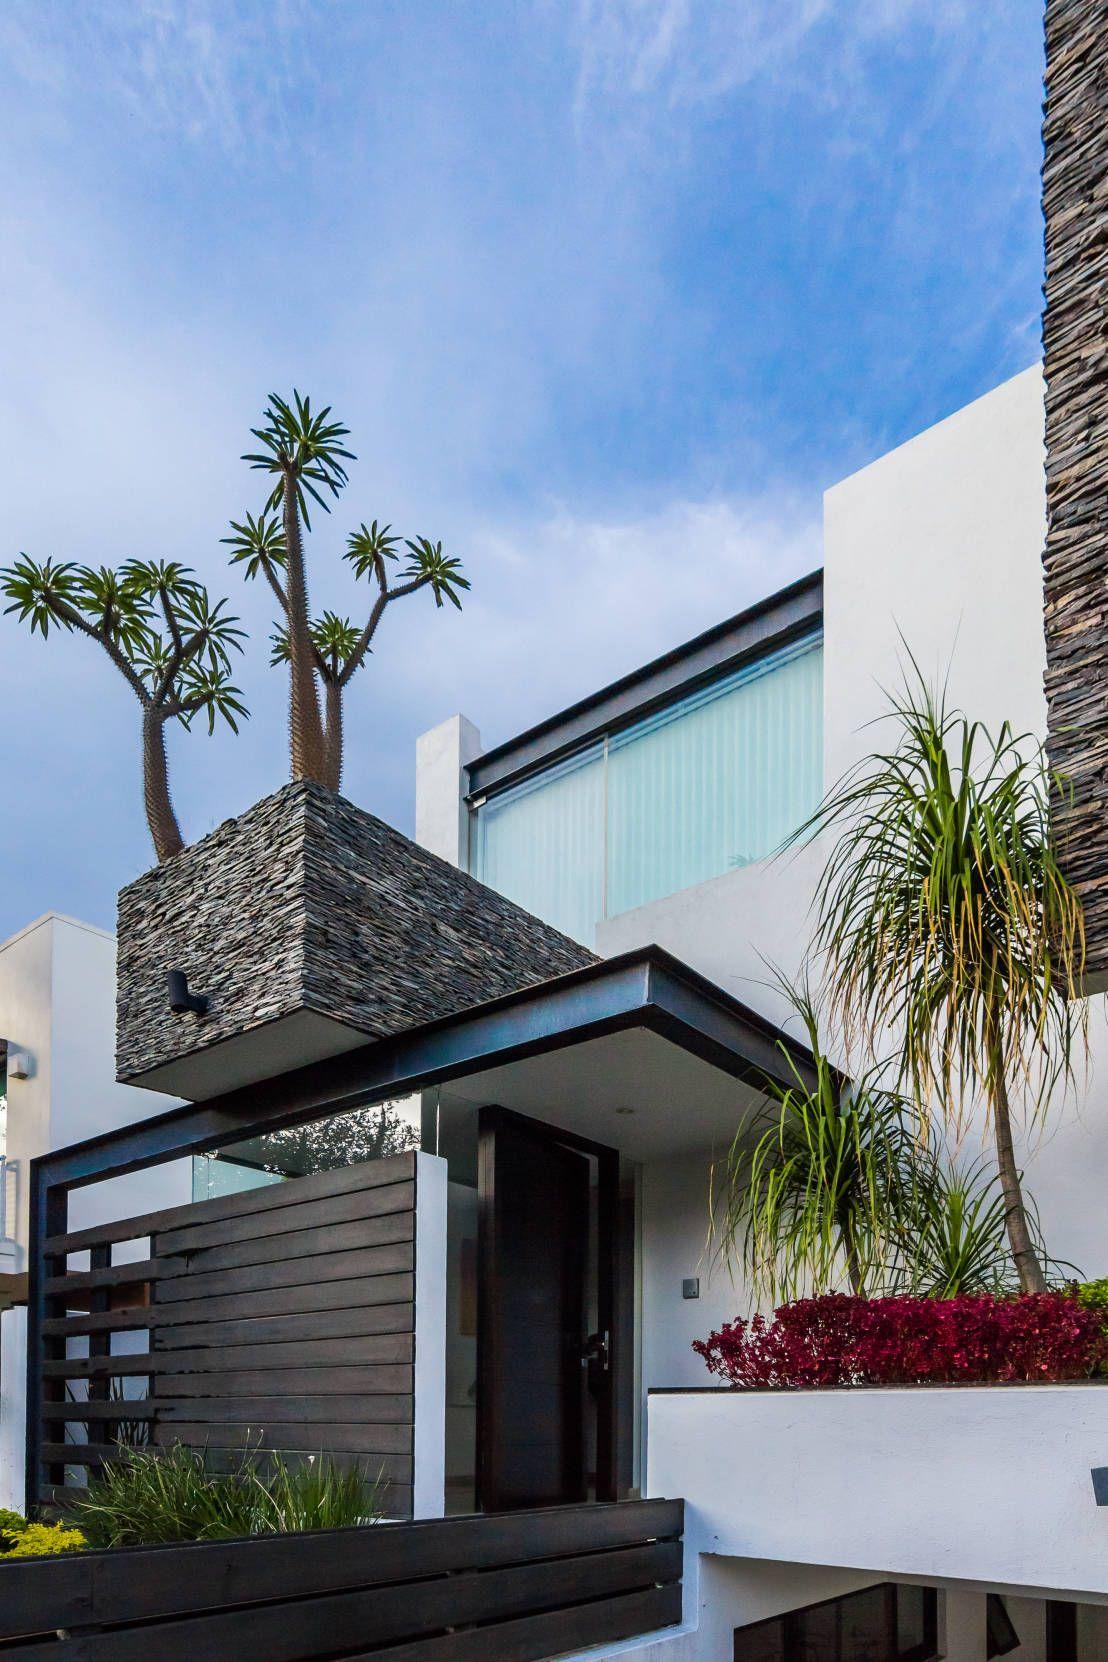 Arquitectura Fachadas De Casas Modernas Casas Modernas: Fachadas De Casas Modernas, Casas Modernas Y Fachadas